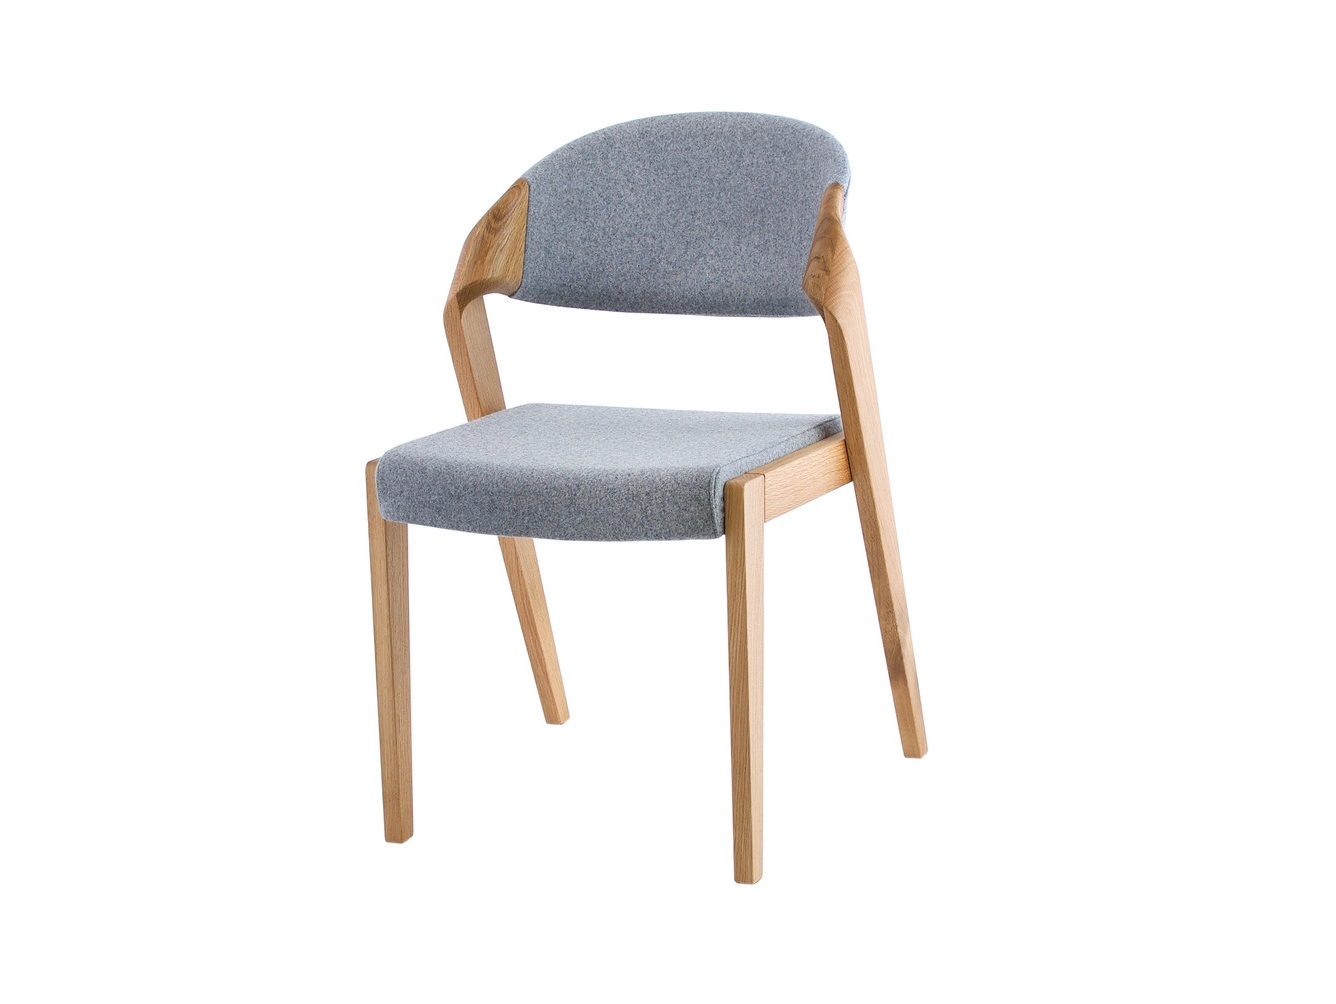 Стул BendОбеденные стулья<br>Оригинальный вариант плавного изогнутого перехода от задних ног в спинку стула придает ему неповторимость и комфорт посадки . Максимально открытые элементы стула позволяют в полной мере насладиться структурой многовекового дуба.&amp;nbsp;Материал:каркас - дуб, сидушка - пенополиуретан, обивка - шерсть овечья, окраска - лак акриловый<br><br>kit: None<br>gender: None